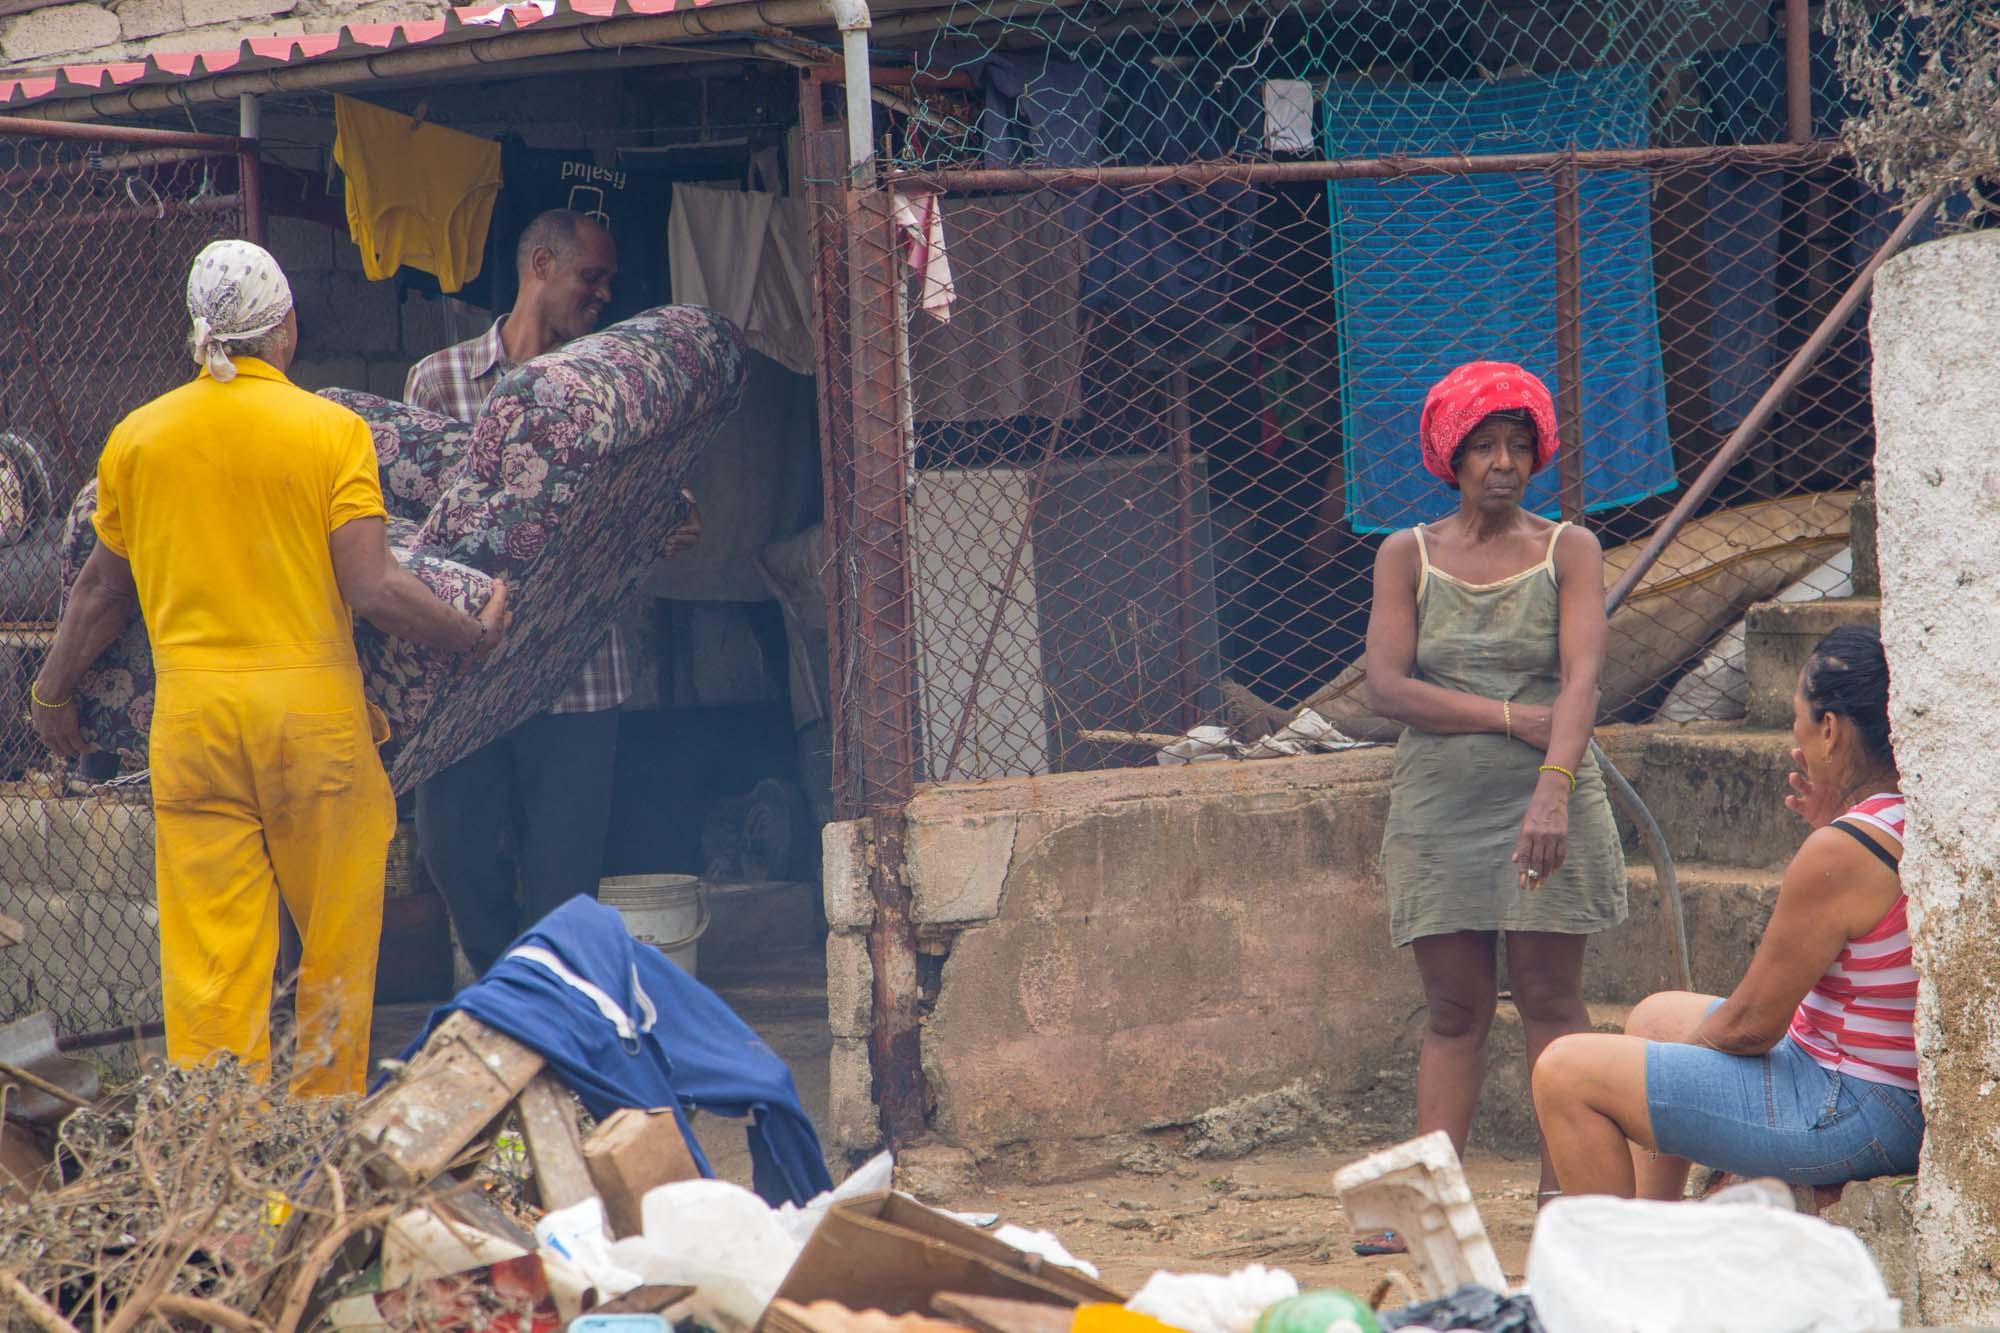 Vecinos preparan una caldosa (Foto: Jorge Ricardo)